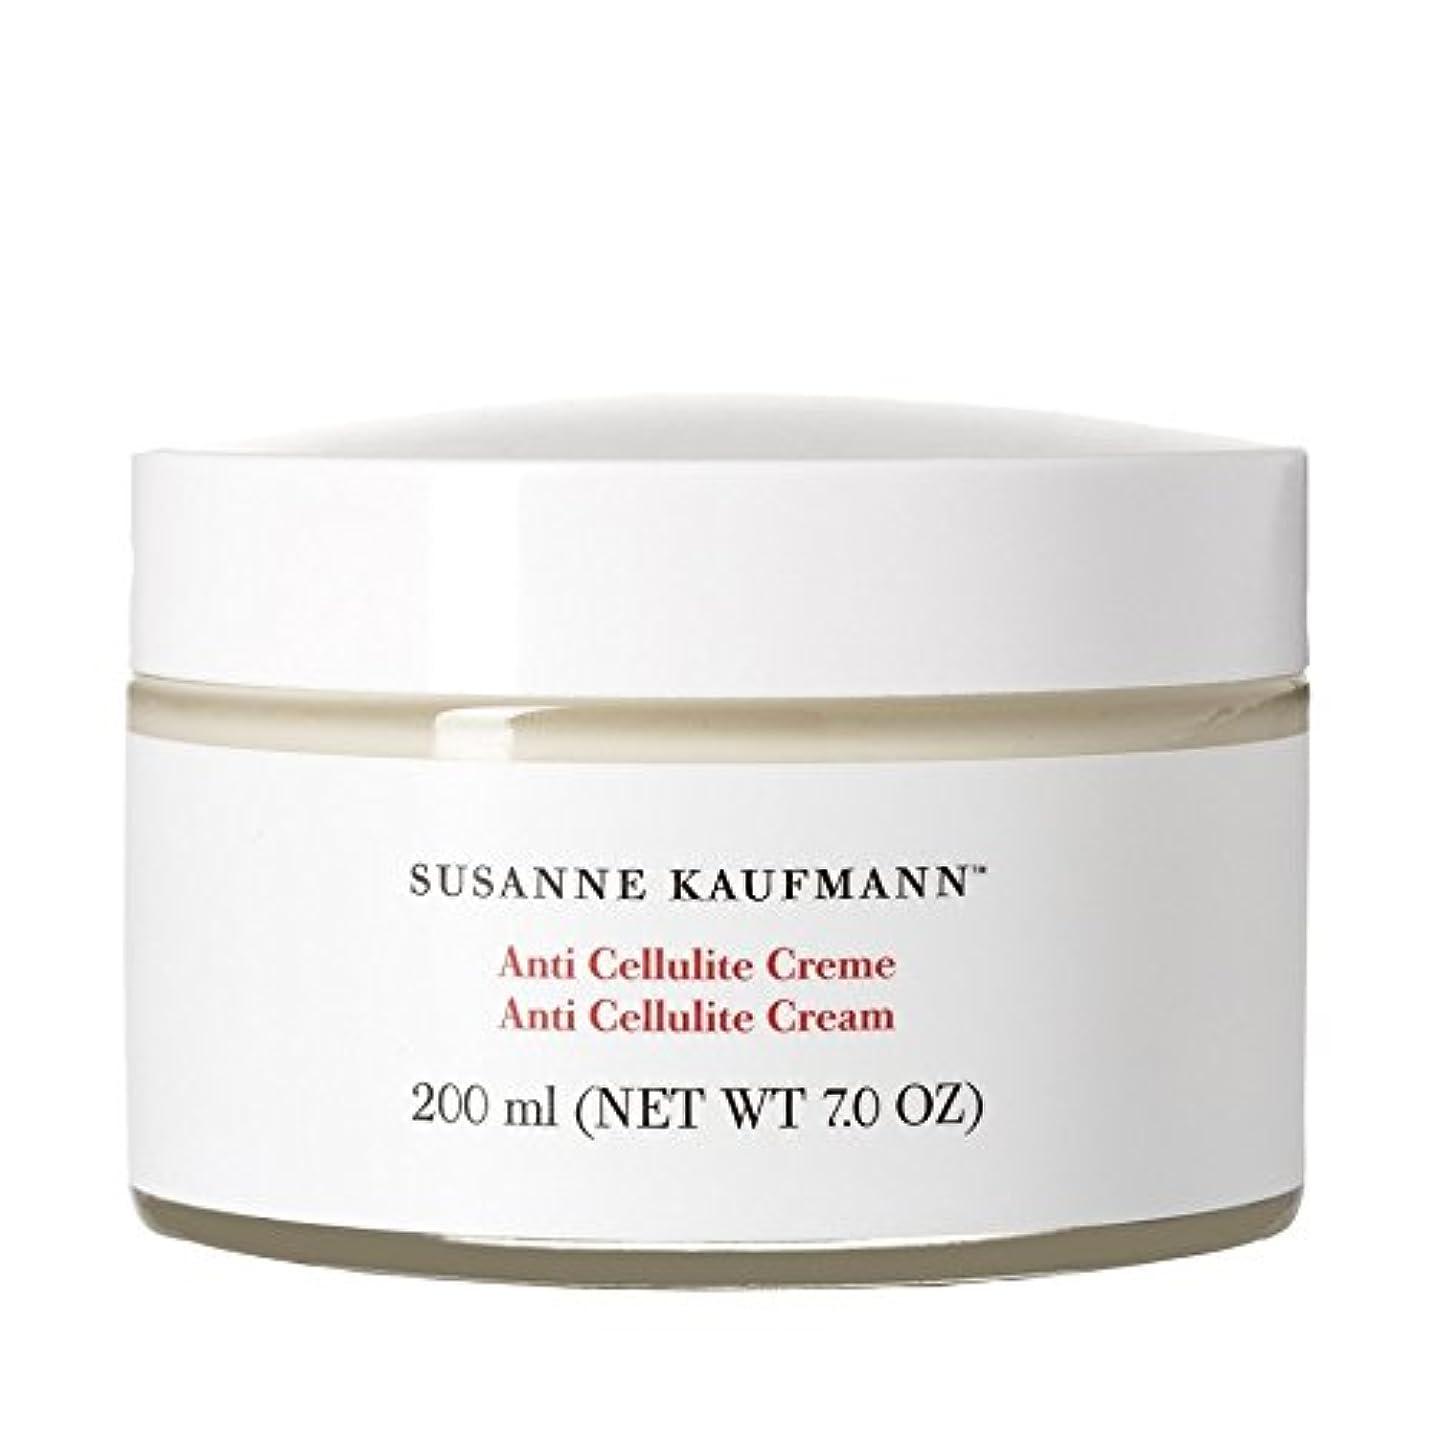 闘争汚染する決済Susanne Kaufmann Anti Cellulite Cream 200ml - スザンヌカウフマン抗セルライトクリーム200ミリリットル [並行輸入品]